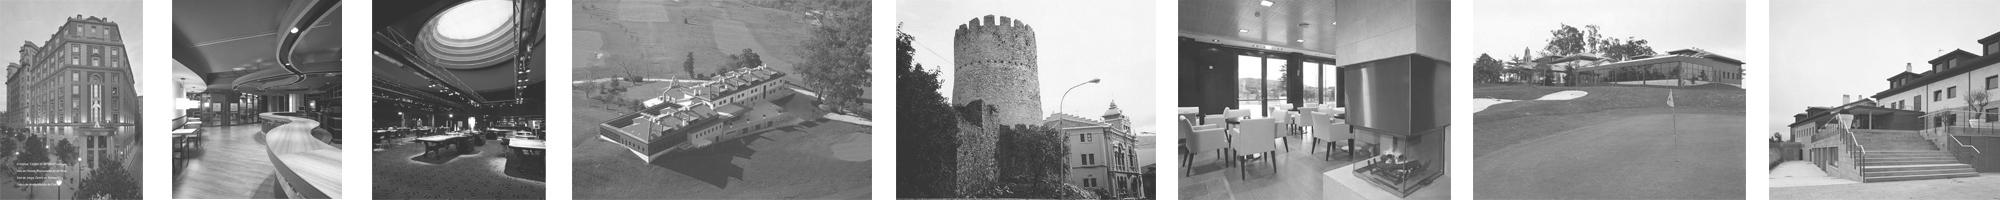 Rehabilitación Fachadas Información Lastra Arquitectos Gijon Asturias